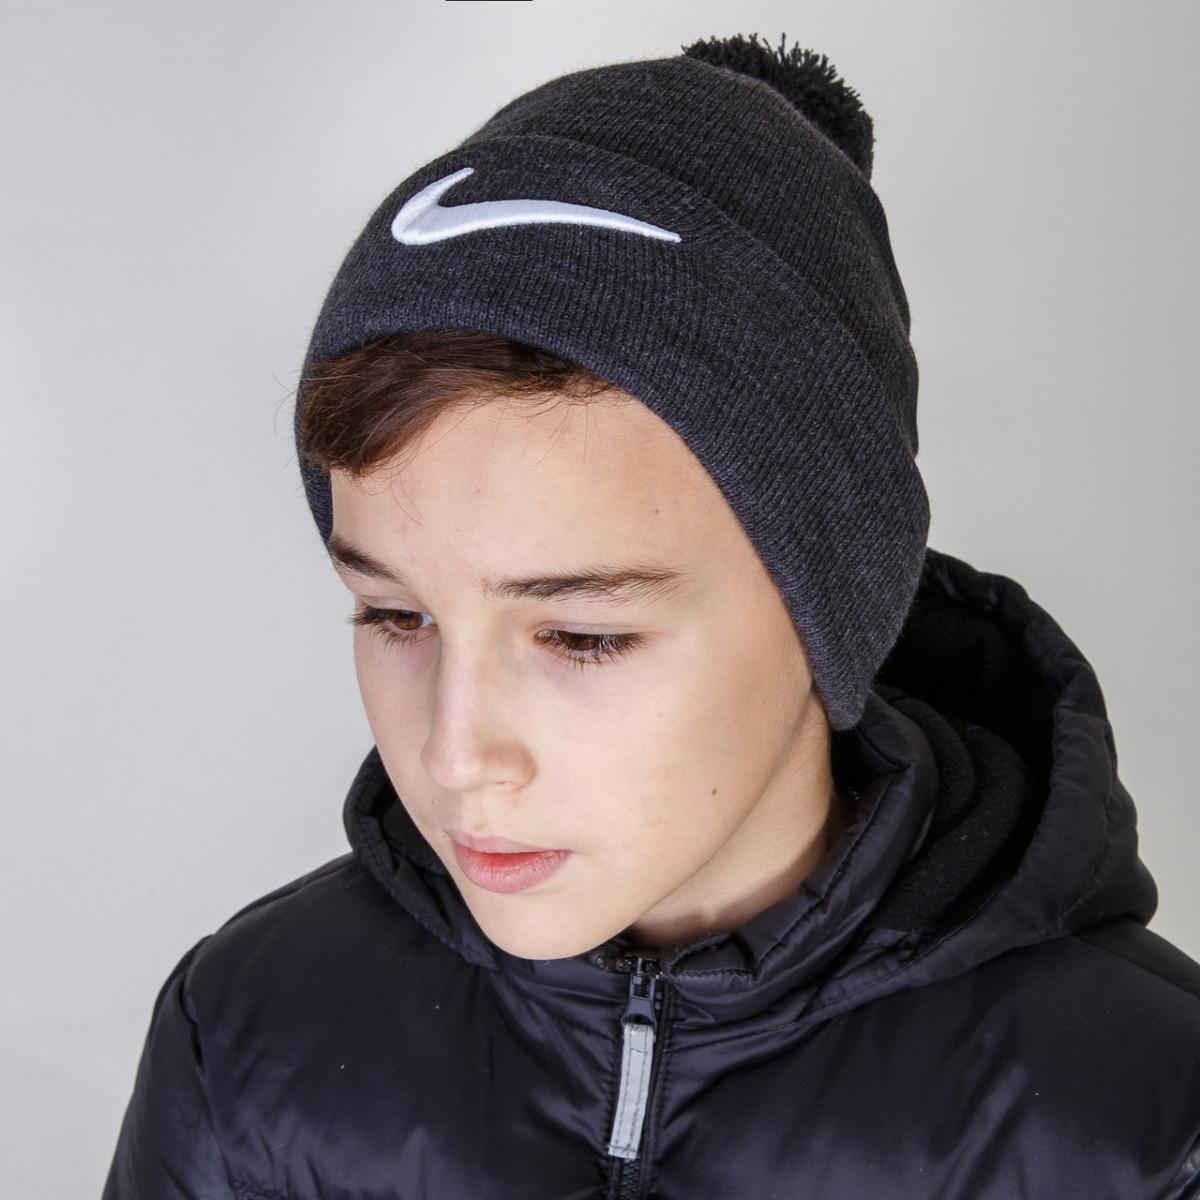 Брендовая зимняя шапка с помпоном для мальчика фирмы Nike (реплика) оптом - Артикул 2856